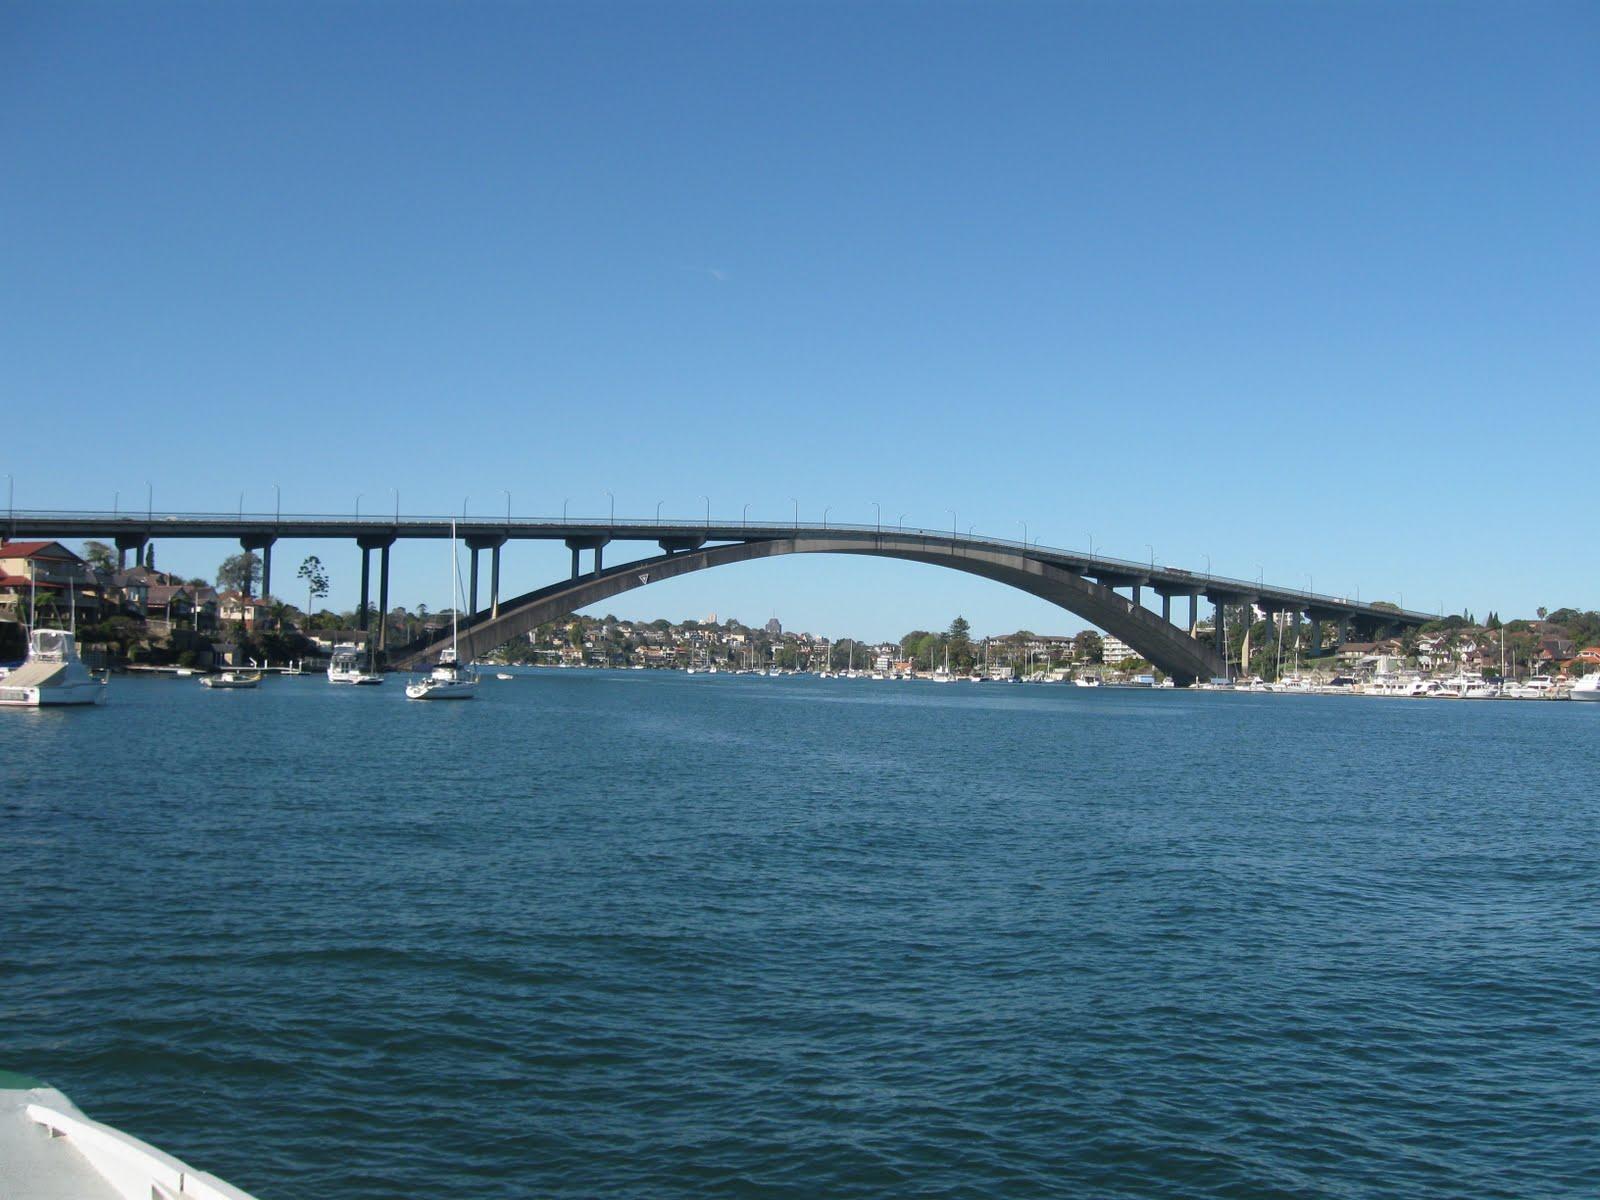 sydney parramatta ferry - photo#29